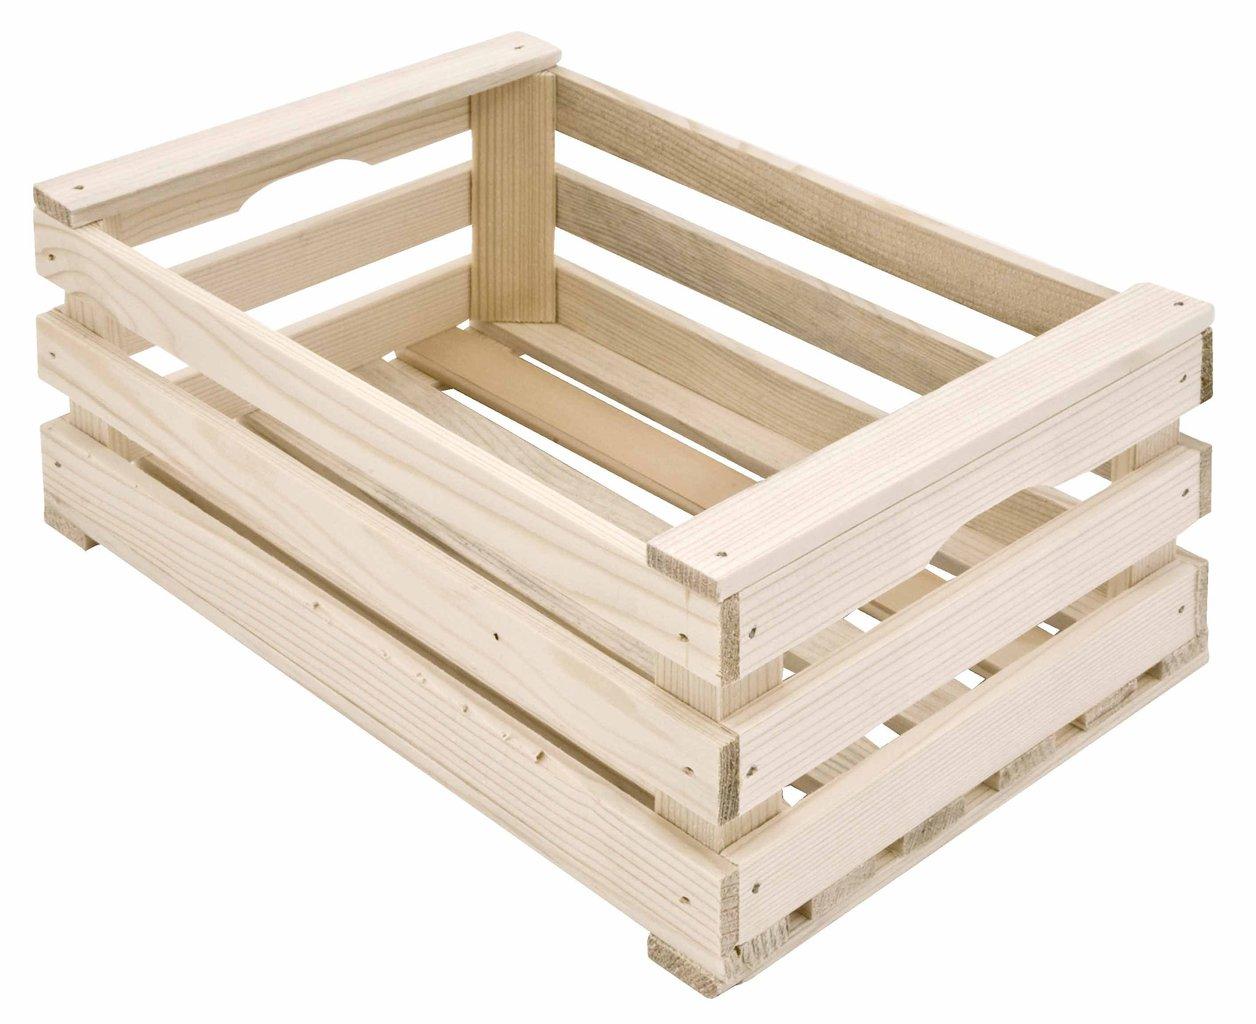 Cassetta in legno 25x17x11 h compra online rosi store for Cassette in legno ikea